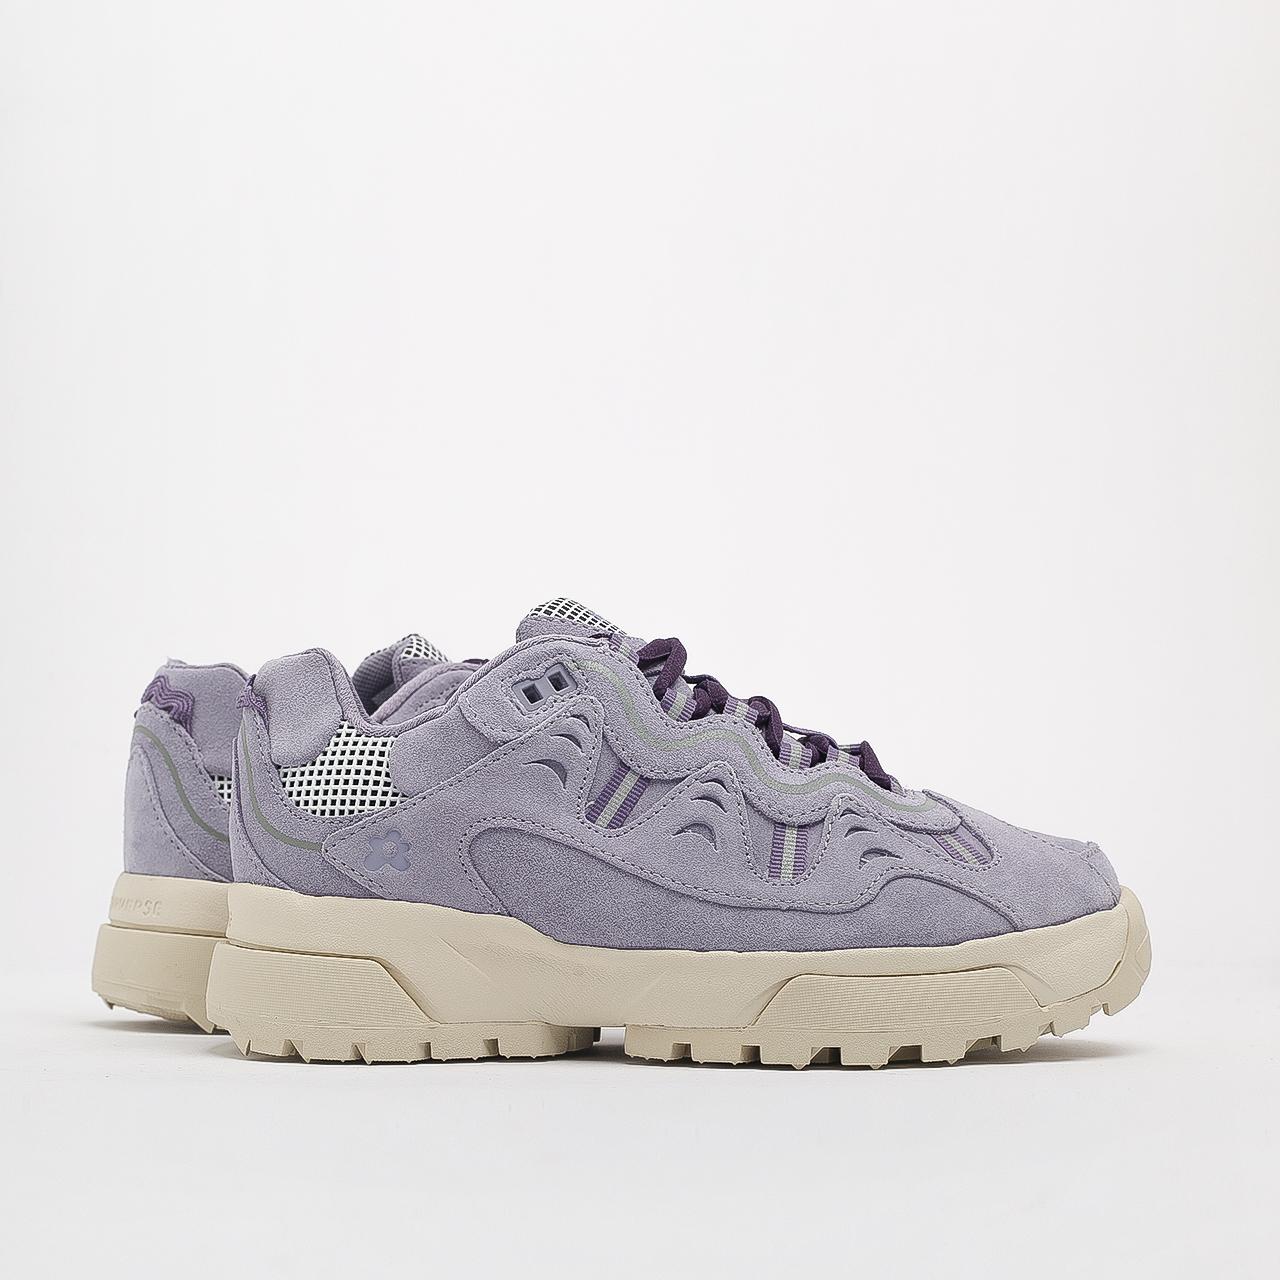 Купить фиолетовые кроссовки  X Golf Le Fleur Gianno от Converse (169842) по цене 12500 рублей